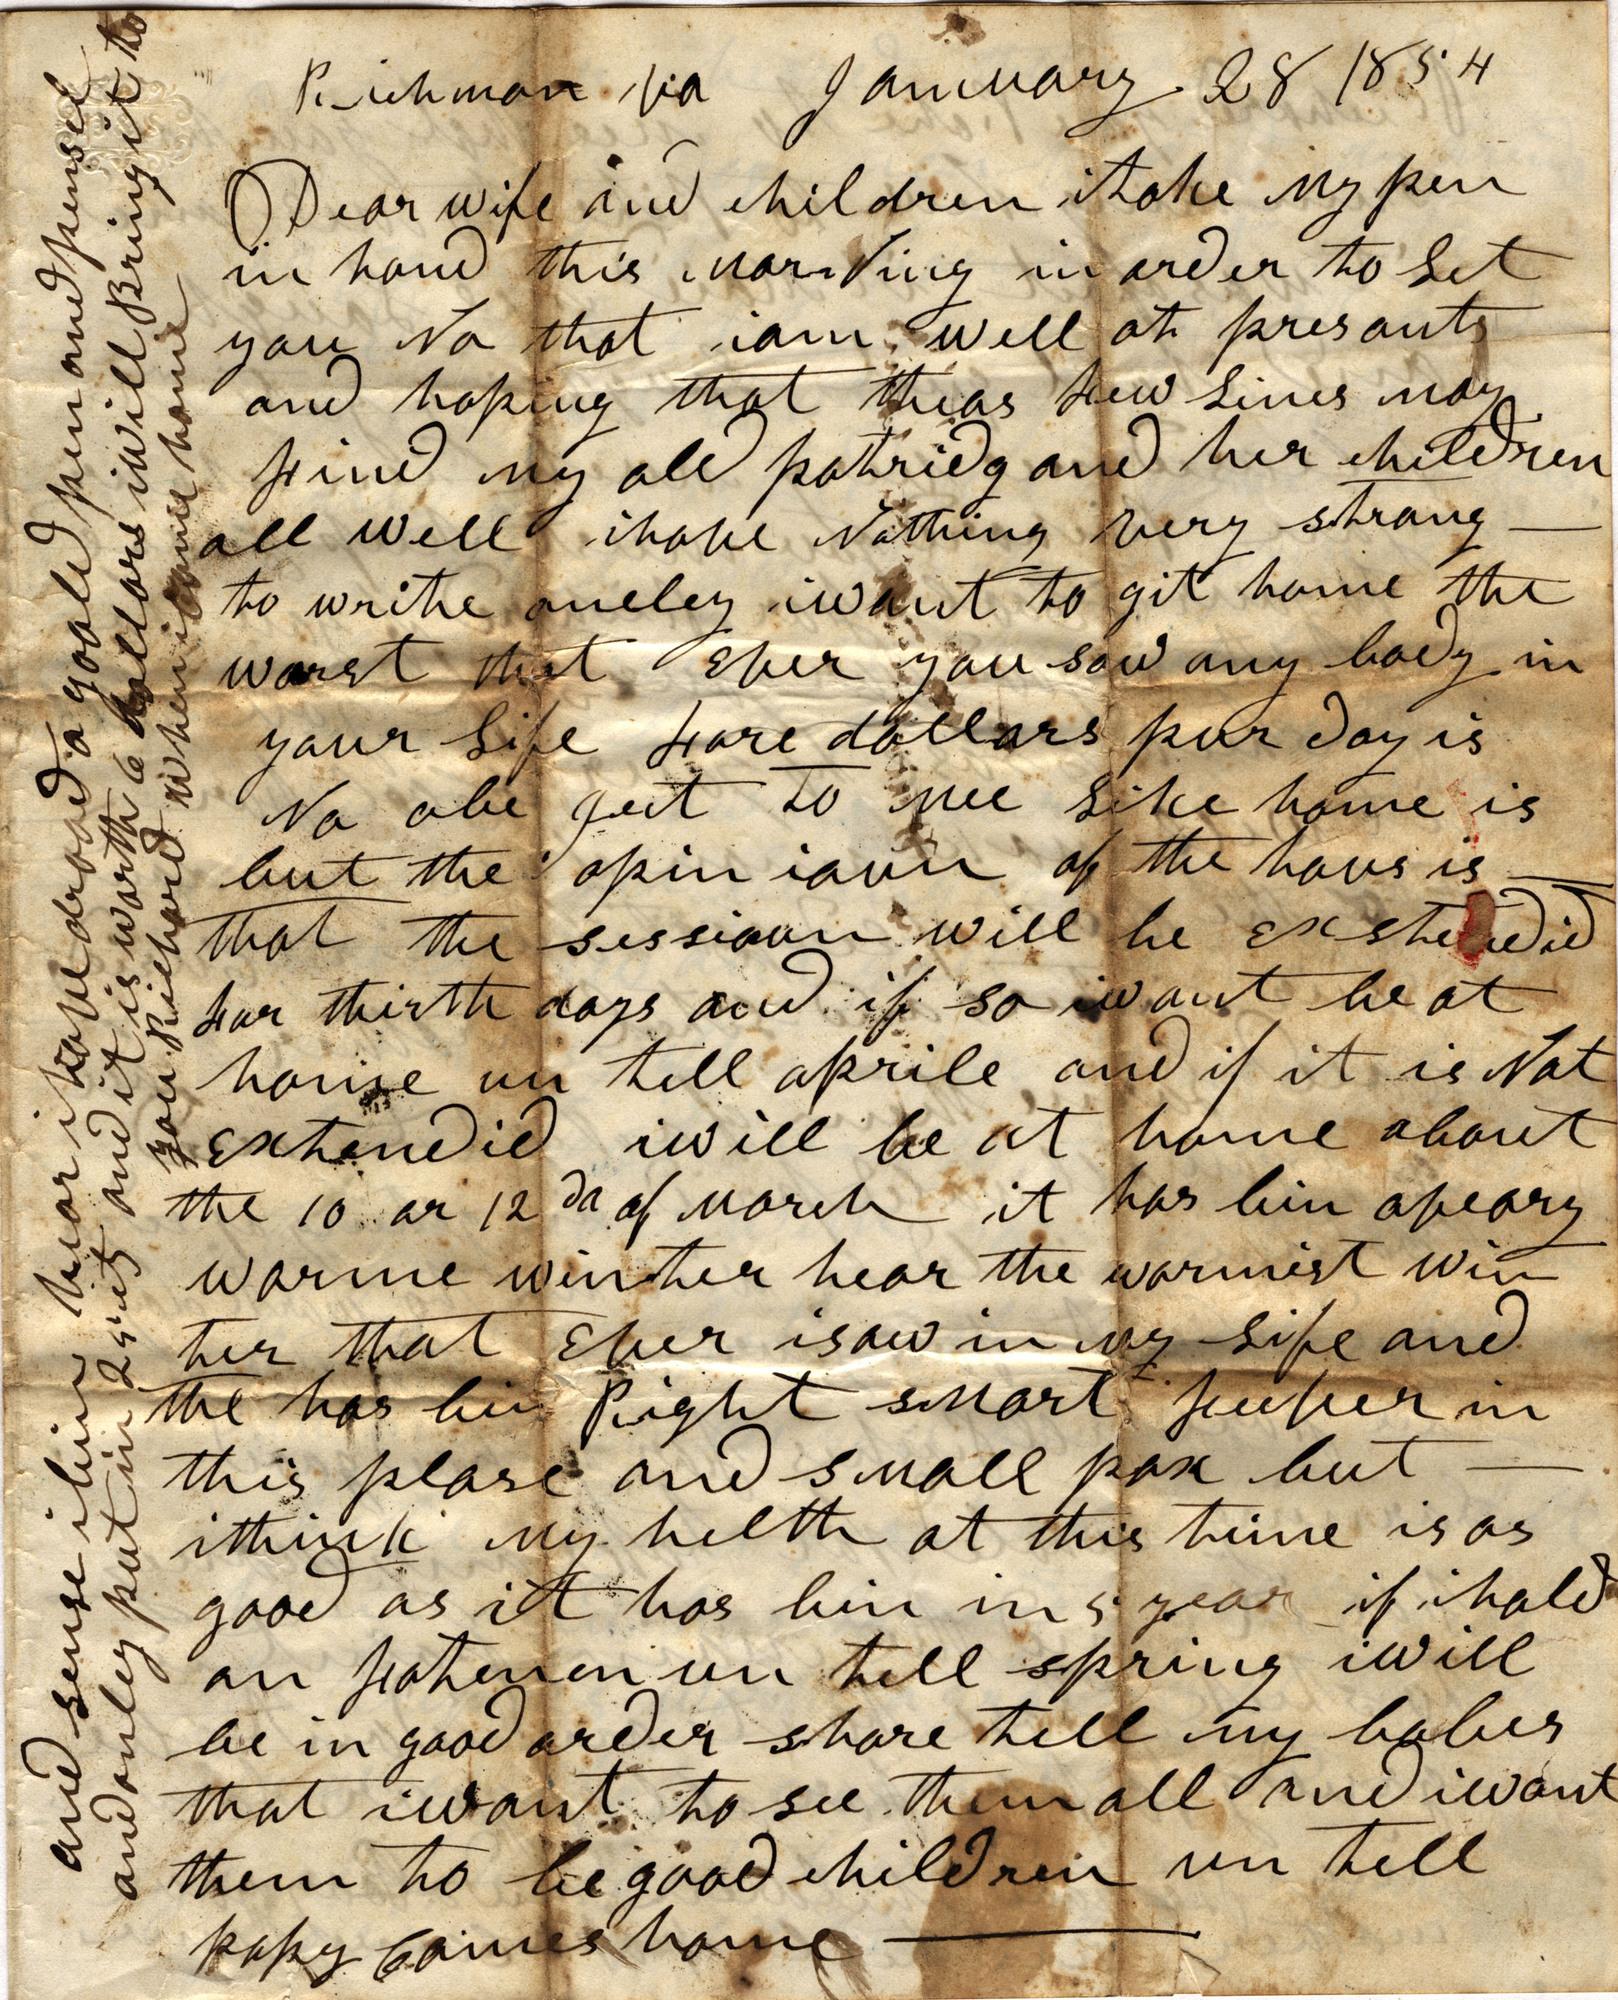 Ms2008_048_VinsonWilliam_Letter_1854_0128a.jpg